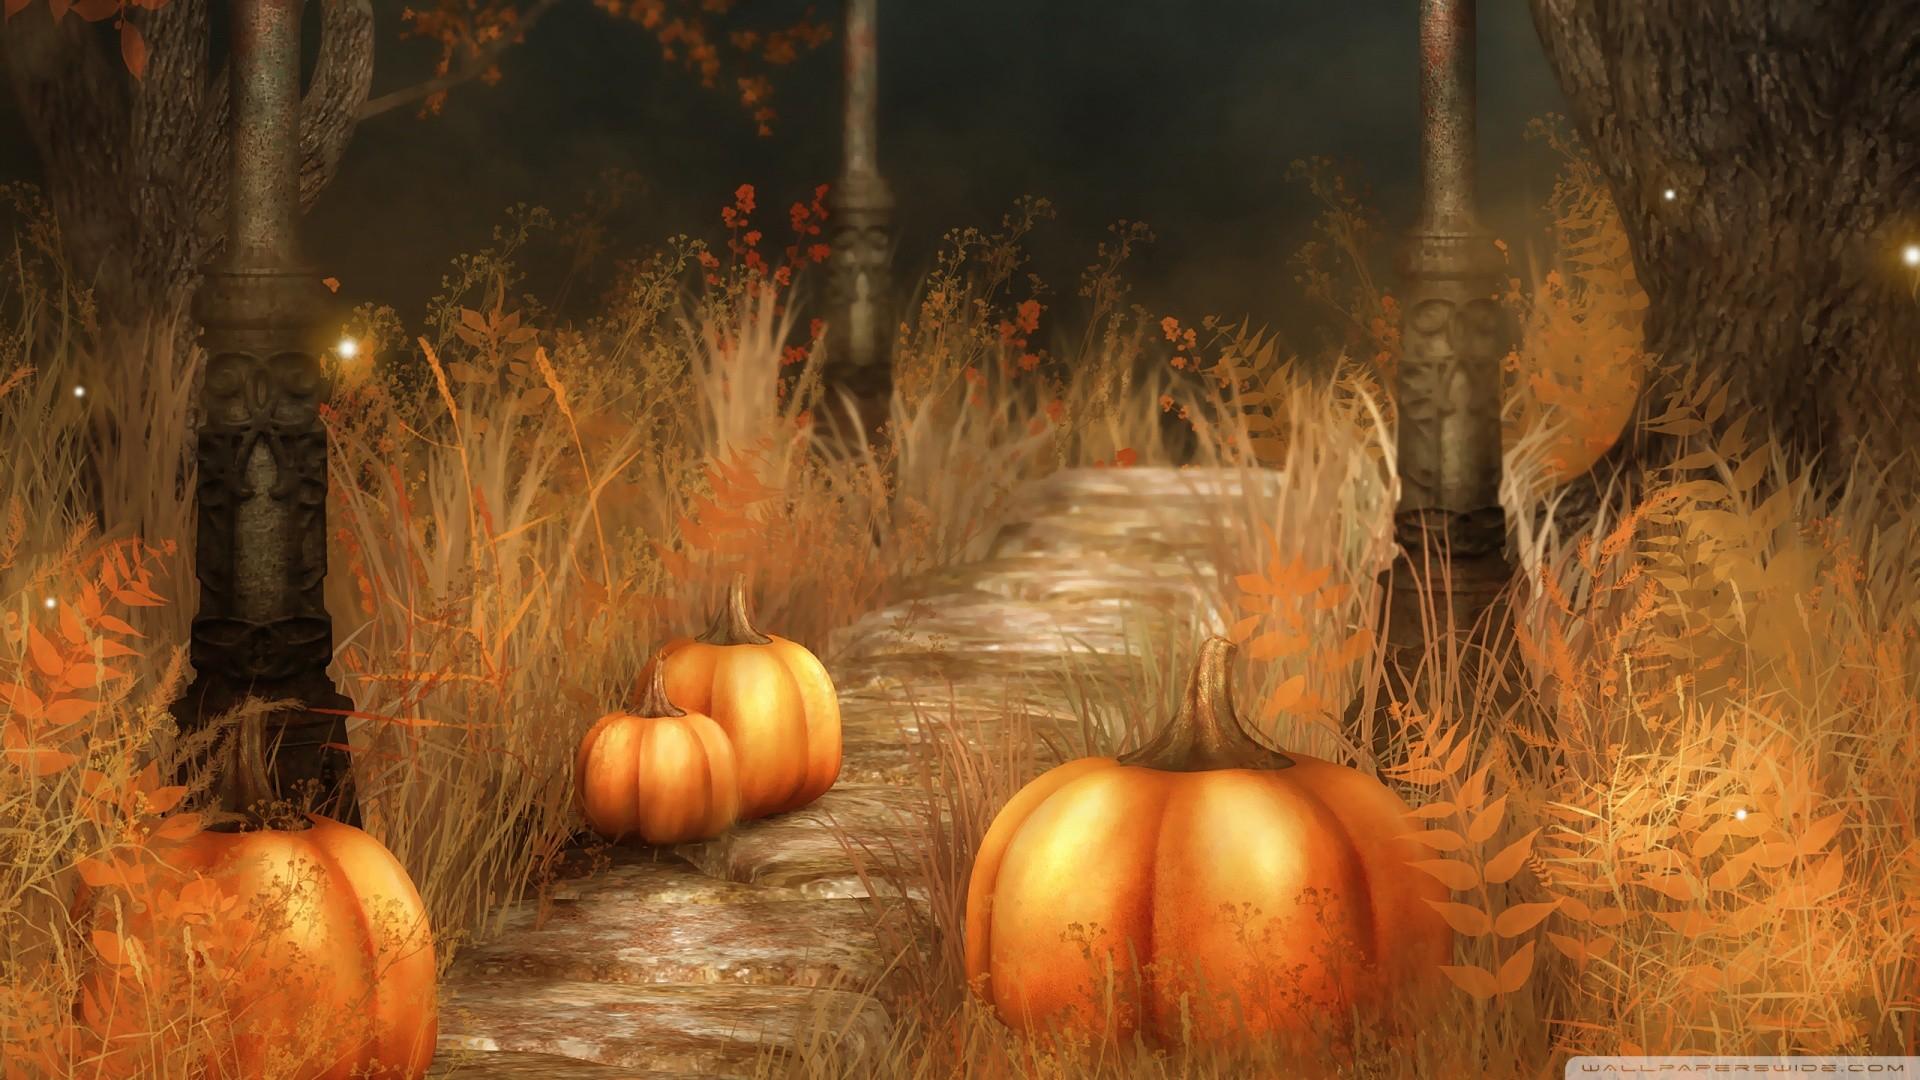 HD Halloween Desktop Backgrounds 1